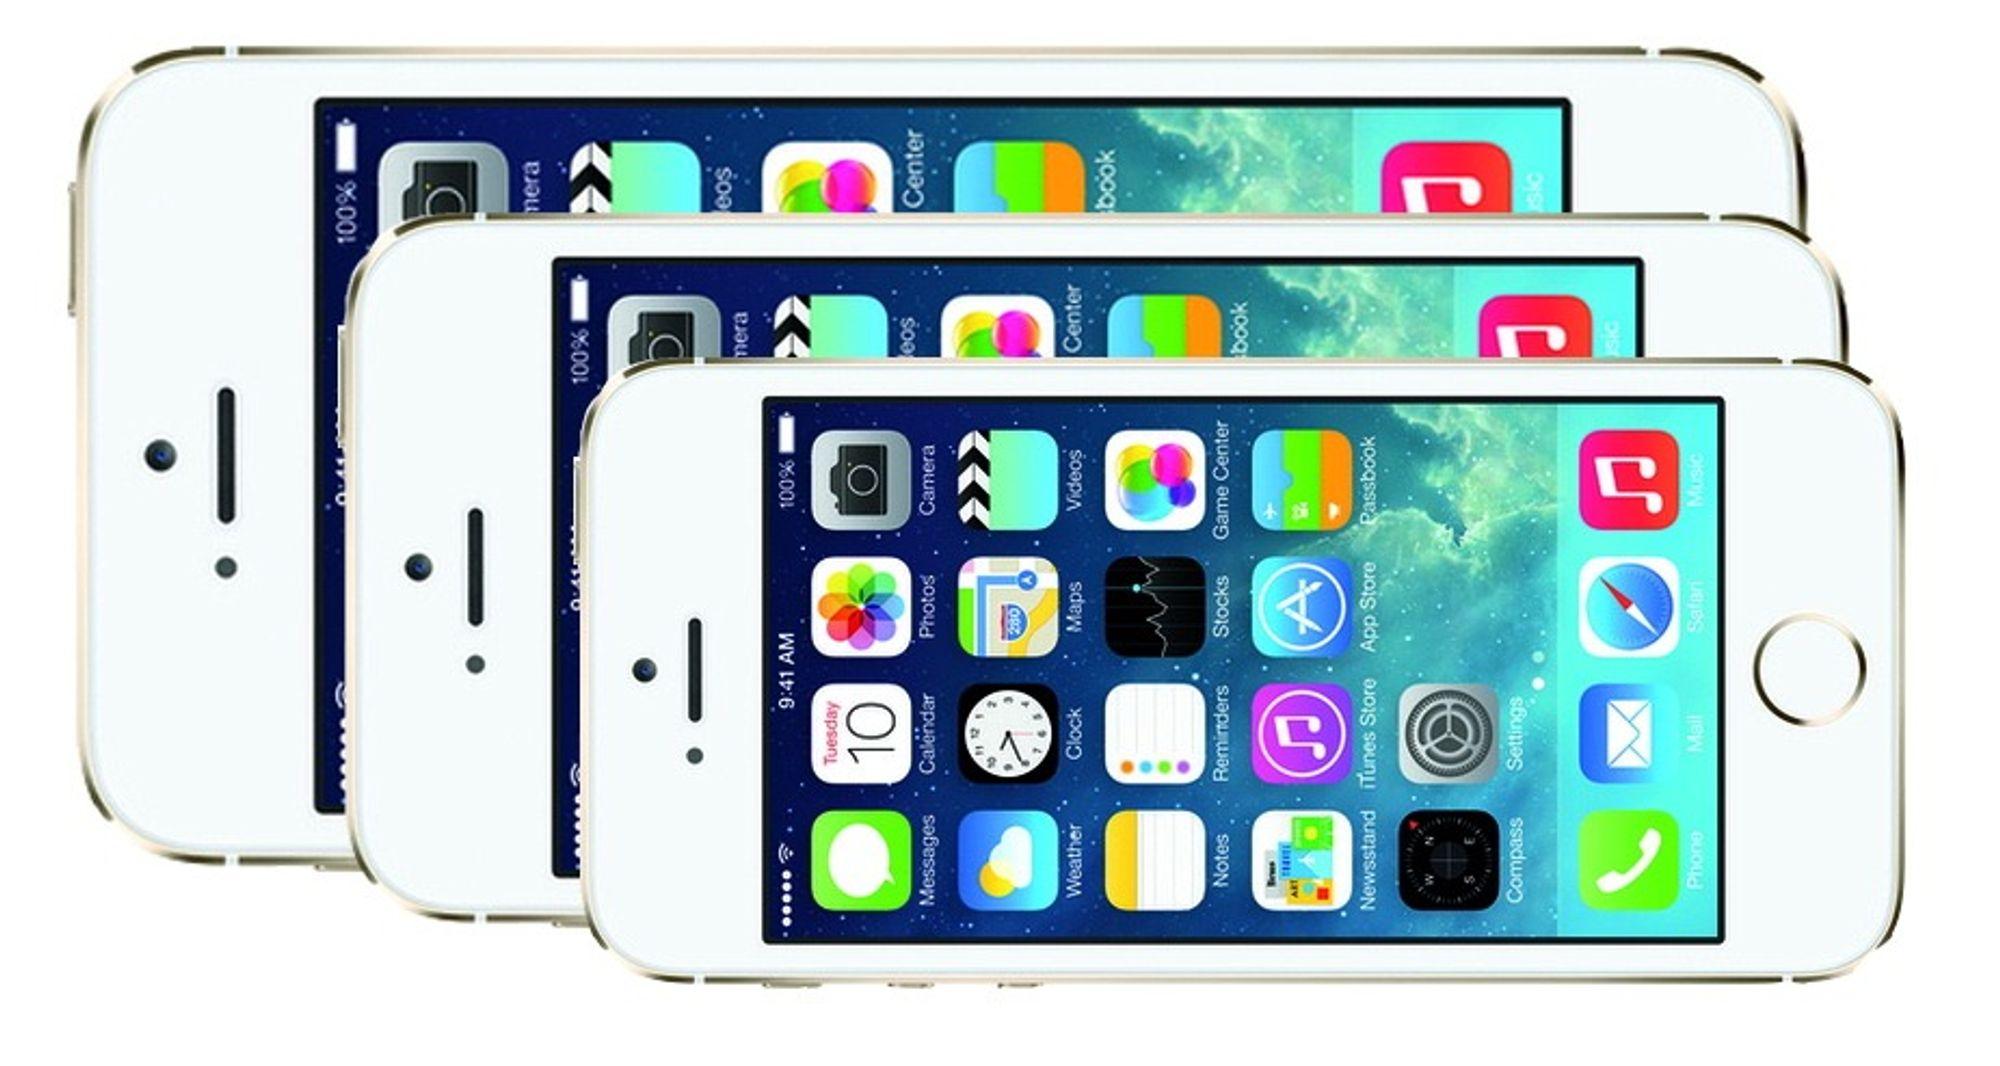 Rykte om vekst: Apple vil ikke gi bort markedet for store smarttelefoner til konkurrentene. Ifølge de siste ryktene kommer de med en på 4,7 og en på 5,5 tommer neste år.